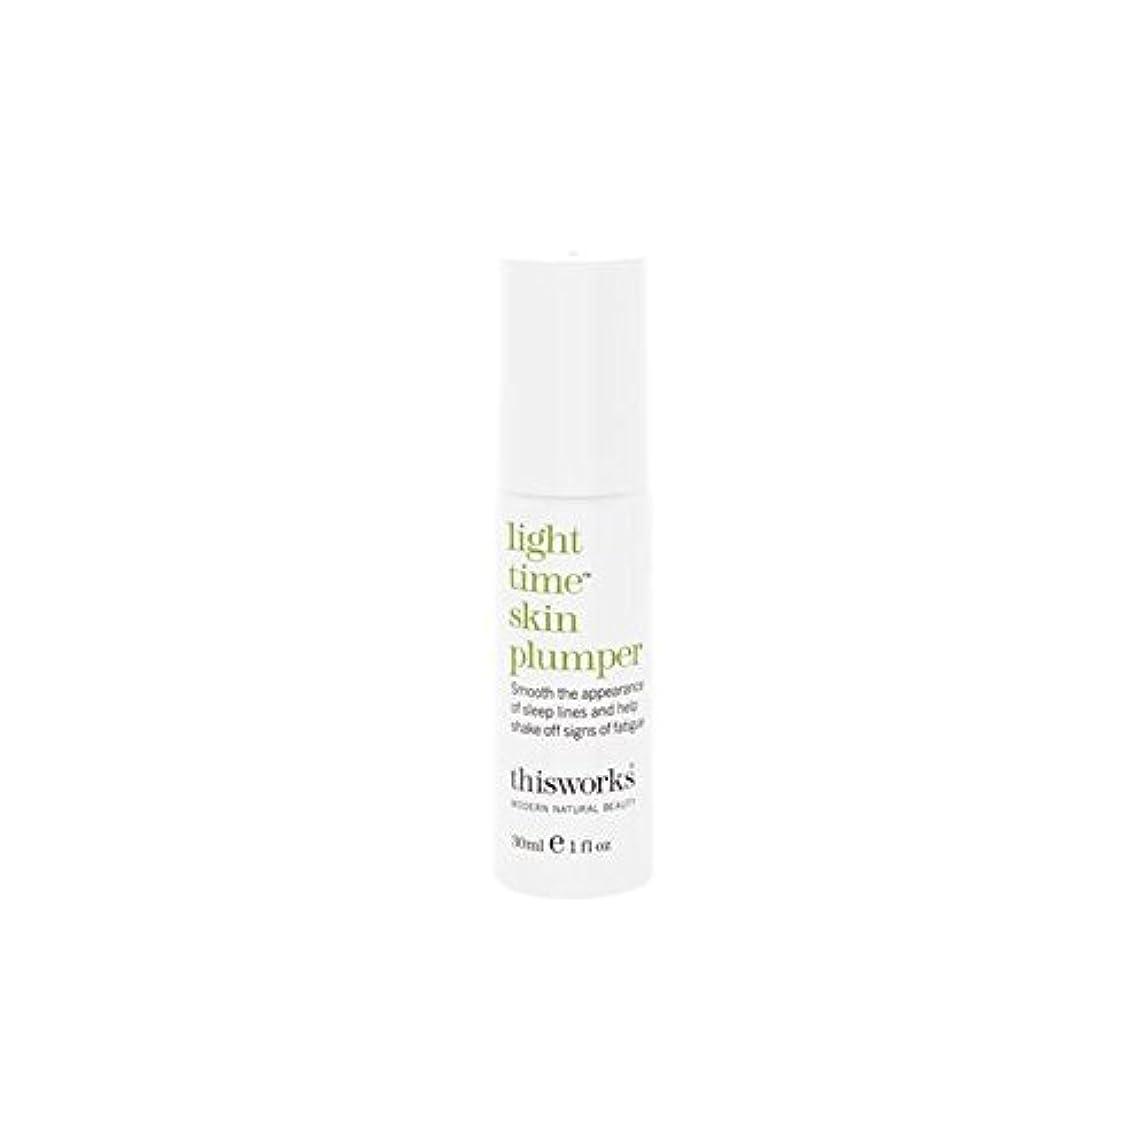 傷つける灰記述するThis Works Light Time Skin Plumper 30ml - これは、光時間皮膚プランパー30ミリリットルの作品 [並行輸入品]